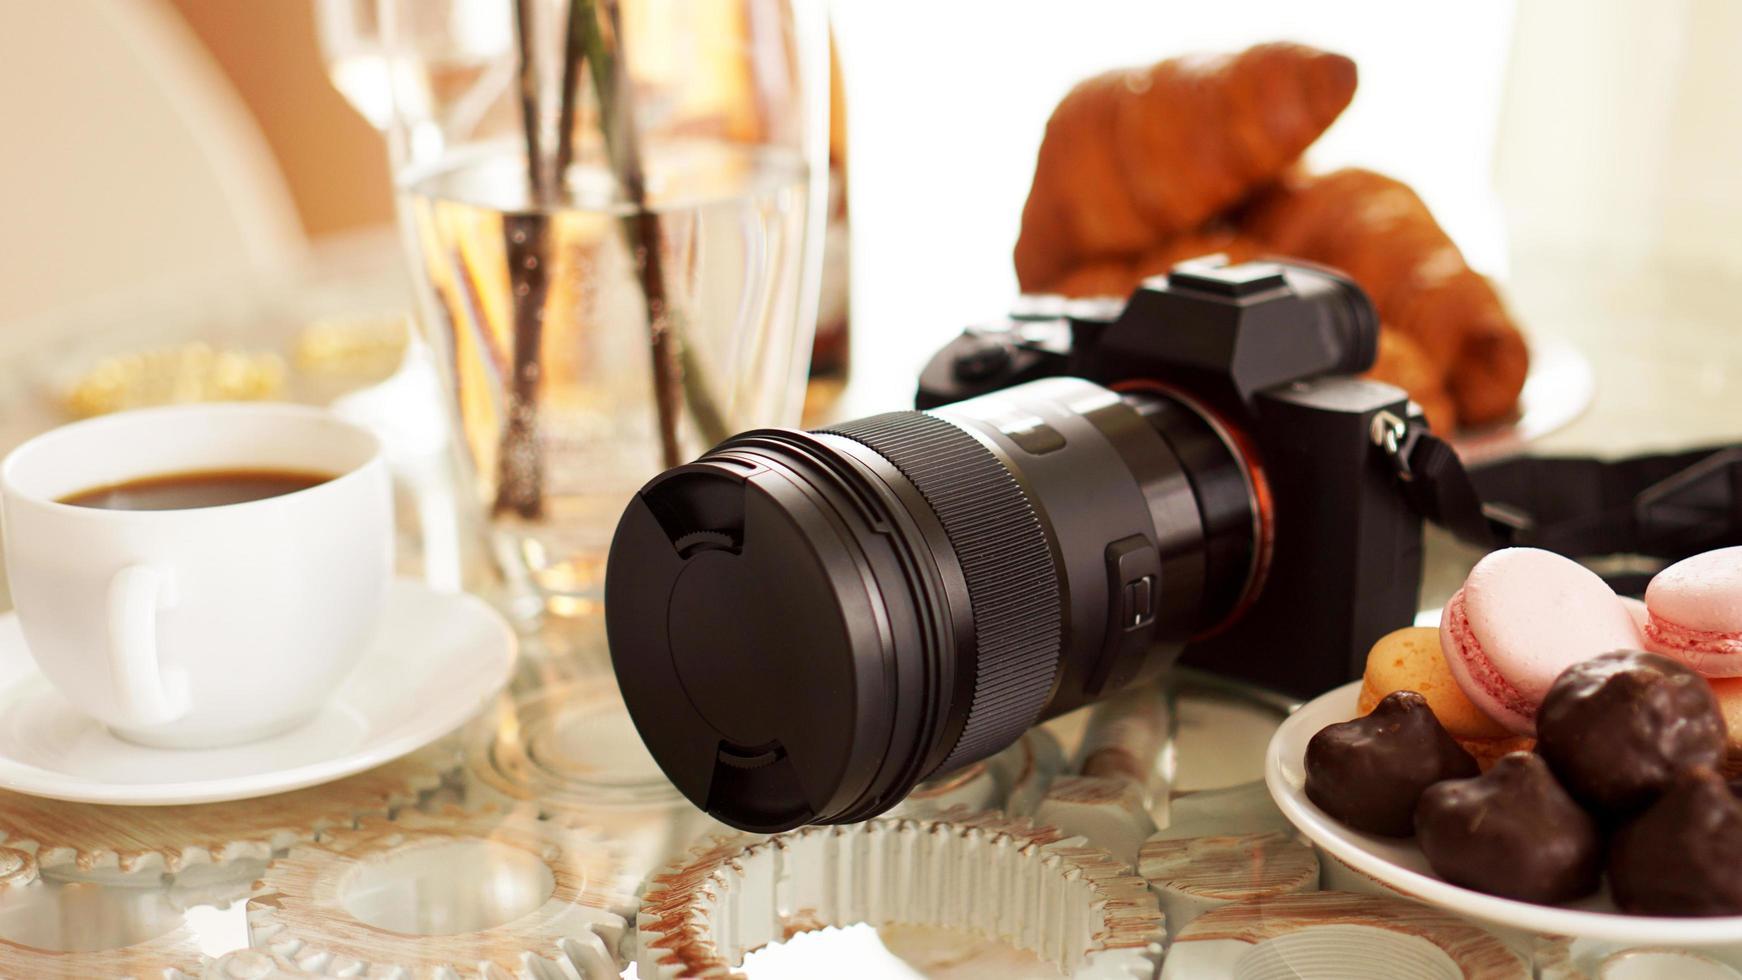 mera met een lens op glazen tafel foto